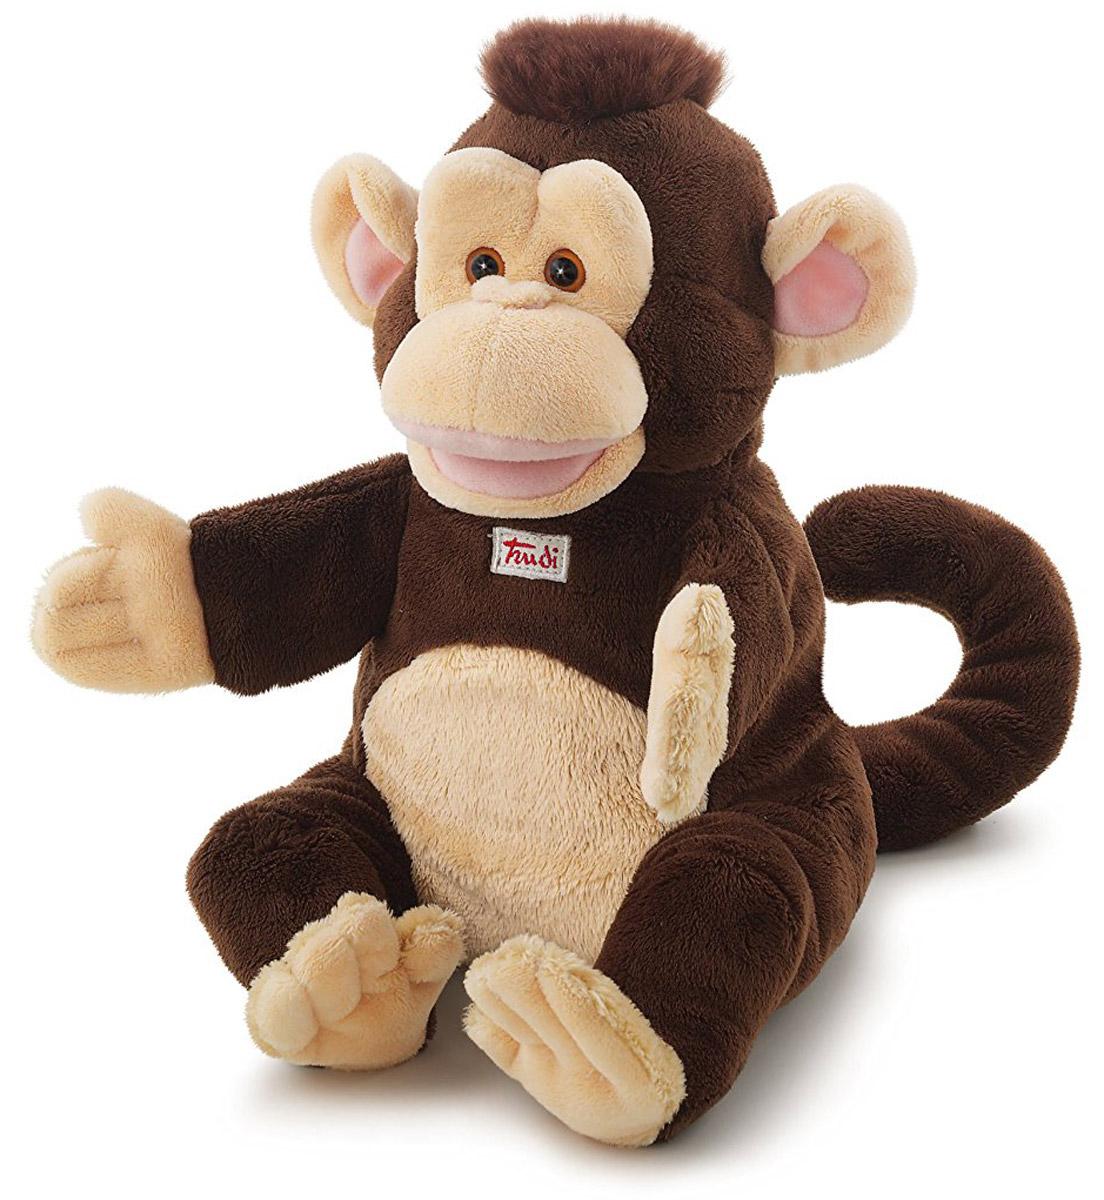 игрушка с обезьянками картинка взять свои лучшие